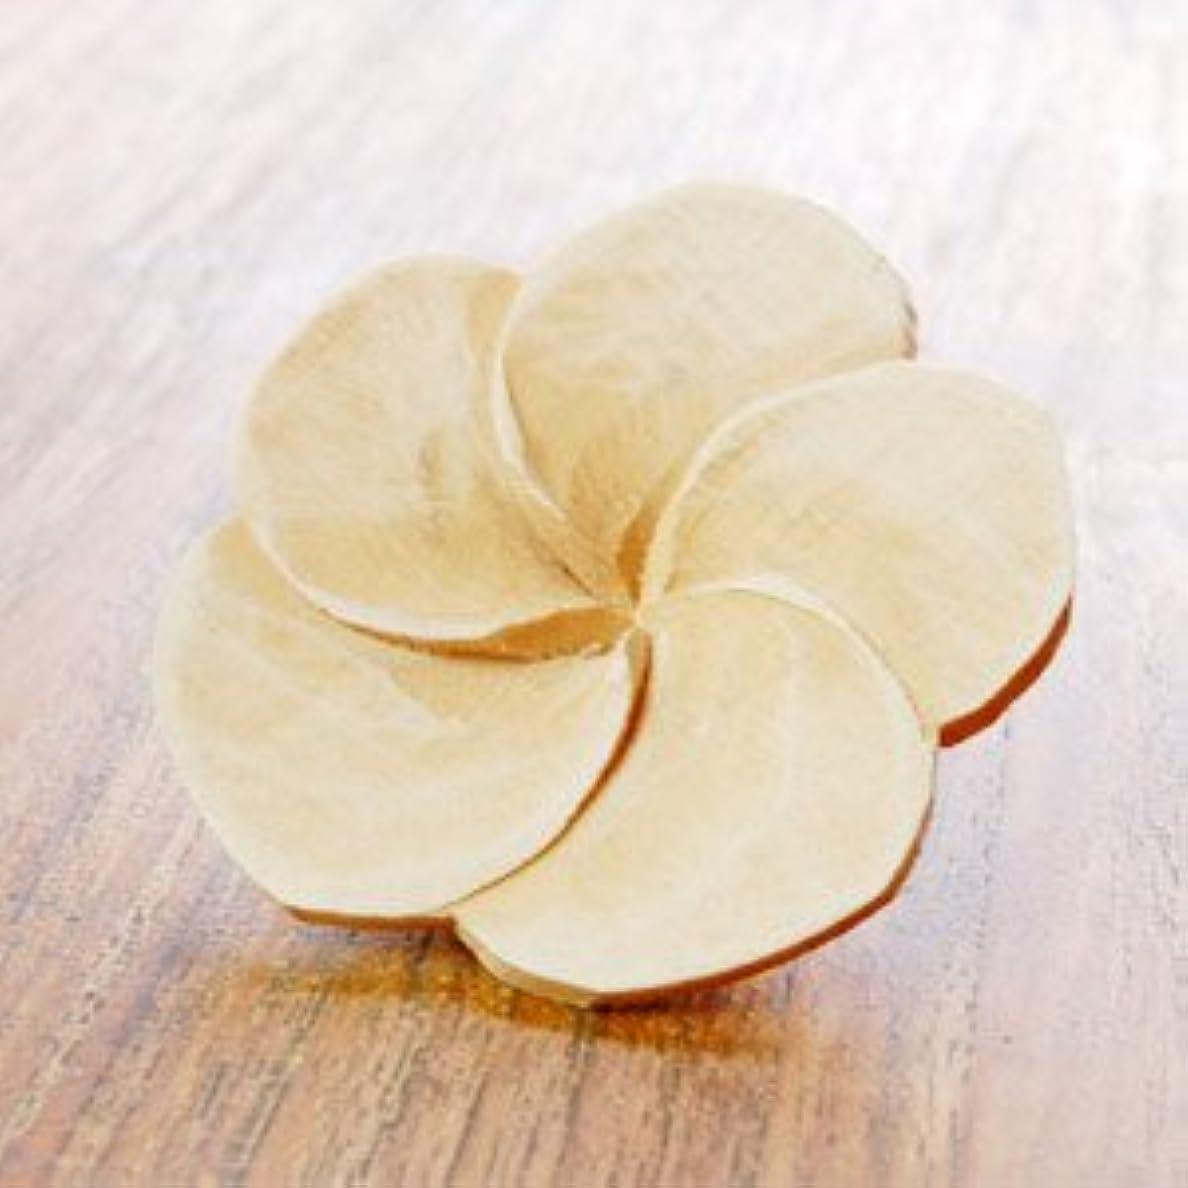 ペア洞察力のあるいらいらする【アジア工房】プルメリアの花びらをモチーフにした木製アロマフラワー[Aタイプ][10891] [並行輸入品]